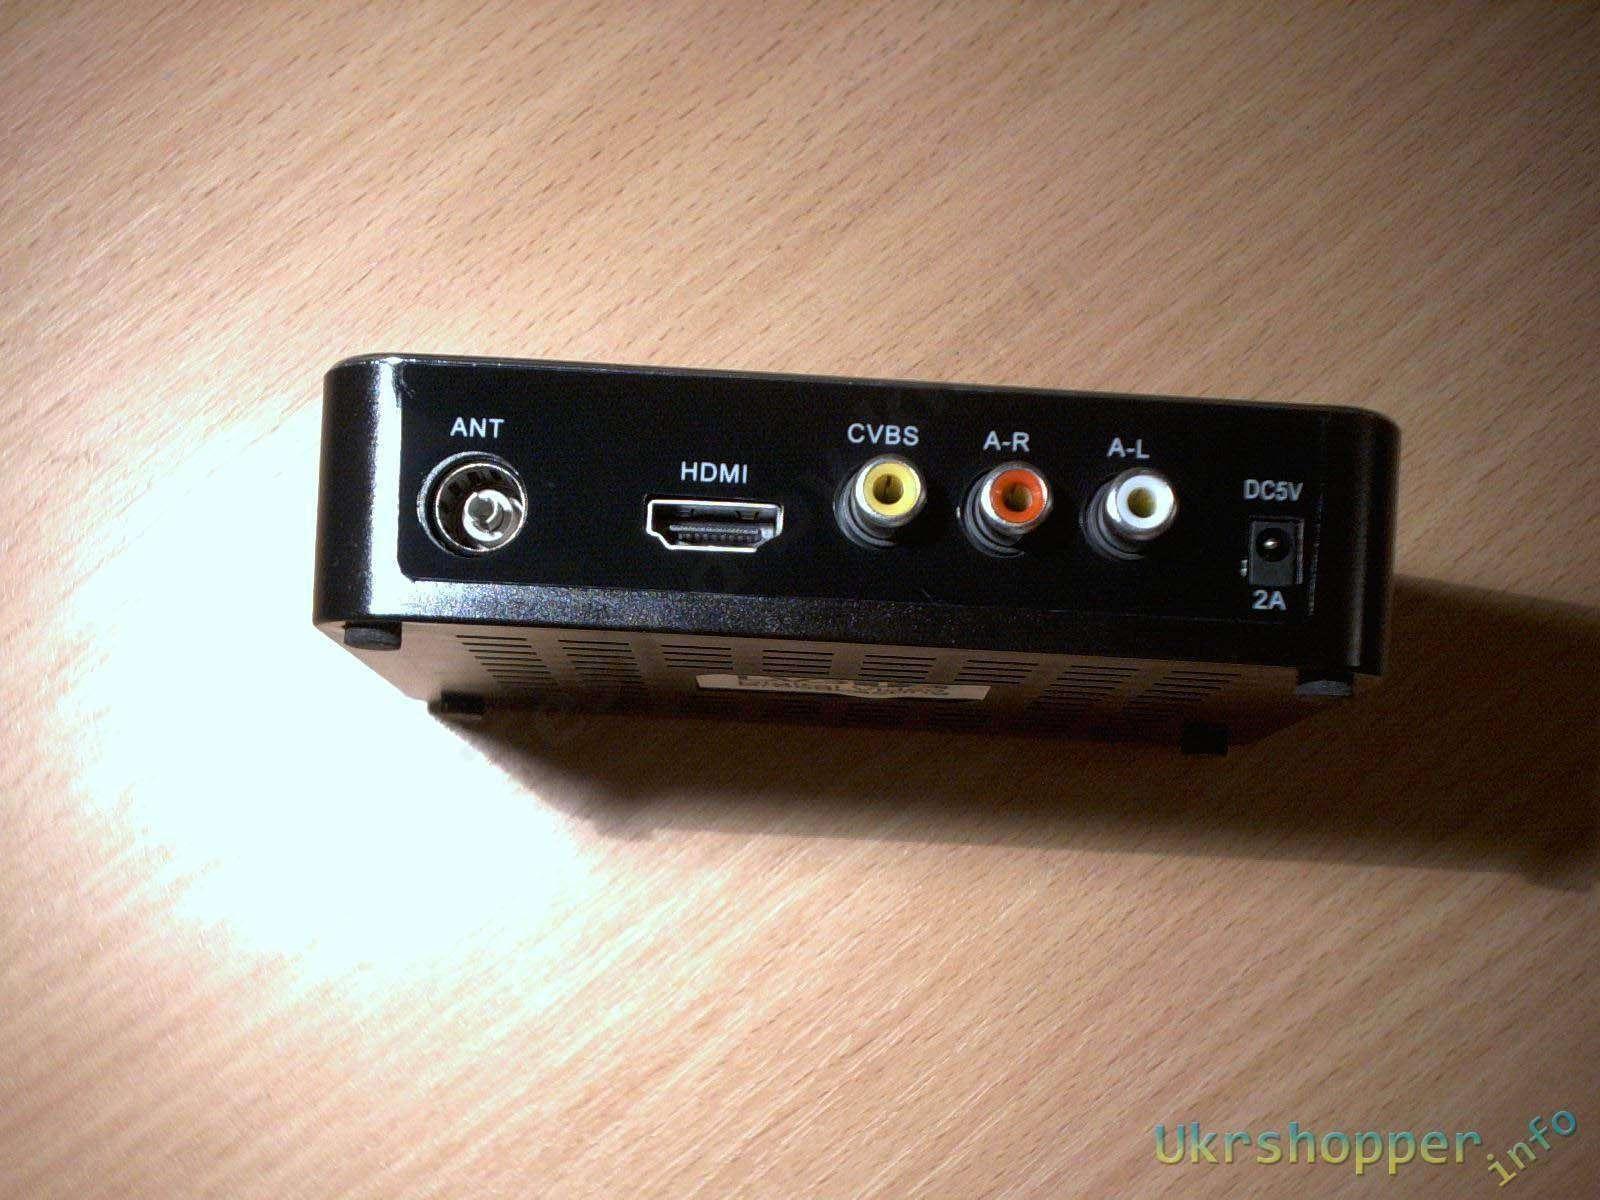 GearBest: Неплохой DVB-T2 тюнер по нормальной цене.